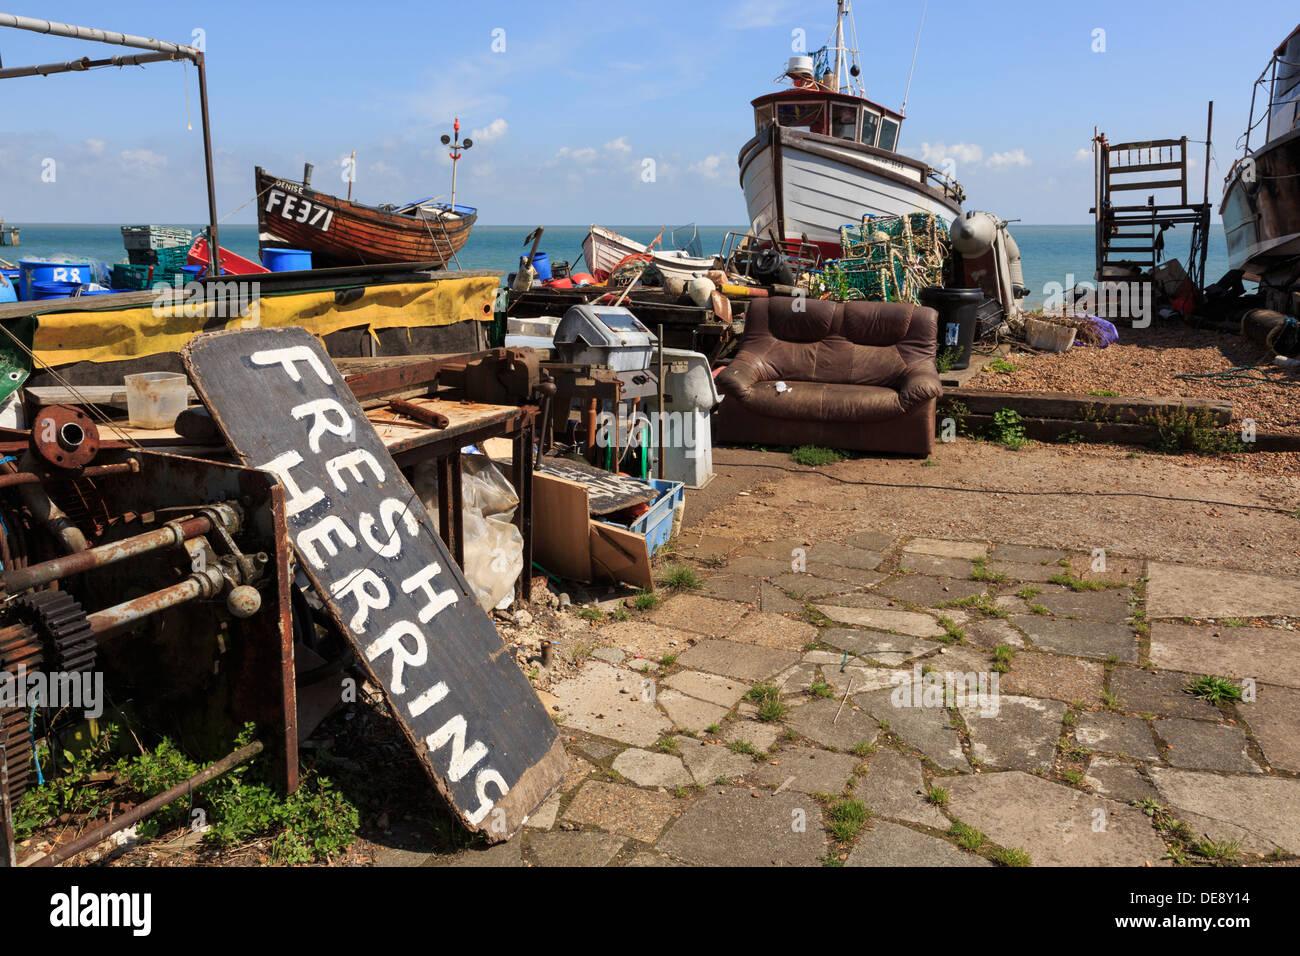 Los barcos de pesca y firmar para los arenques frescos en un paseo marítimo de la playa de la costa sur en Deal, Kent, Inglaterra, Reino Unido, Gran Bretaña Imagen De Stock